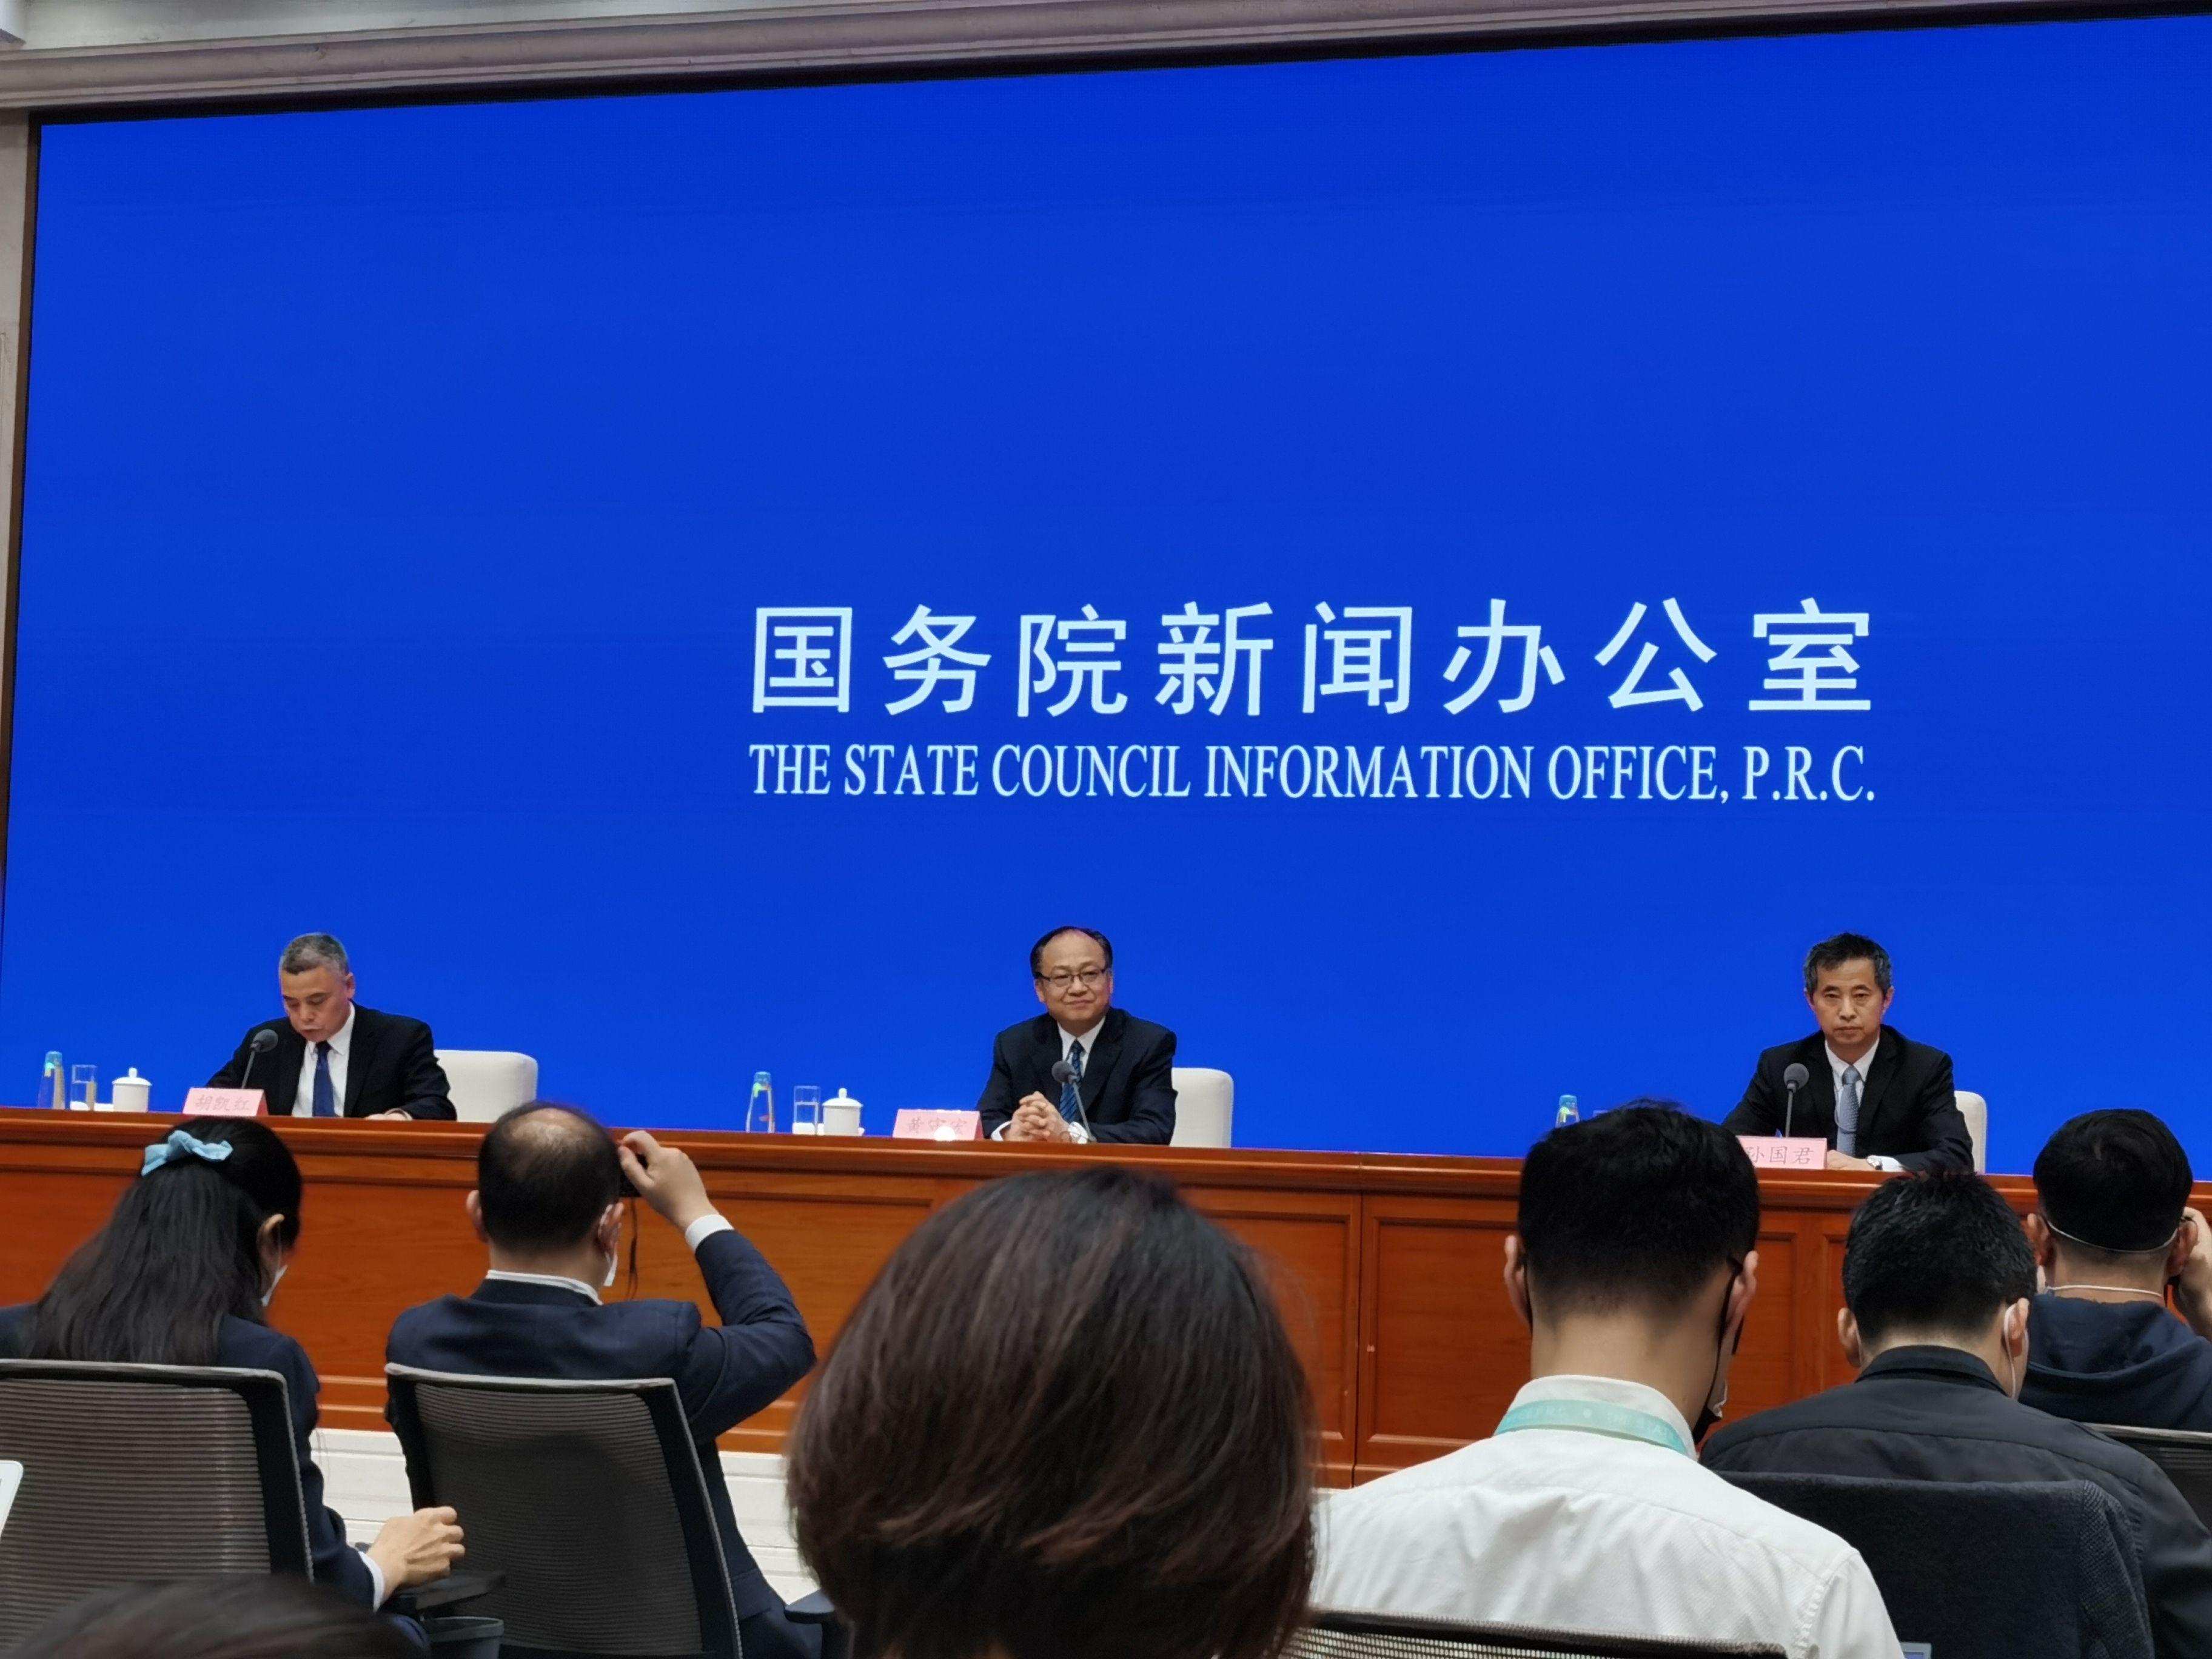 政府工作报告今年更突出应对新形势下的新办法、新举措